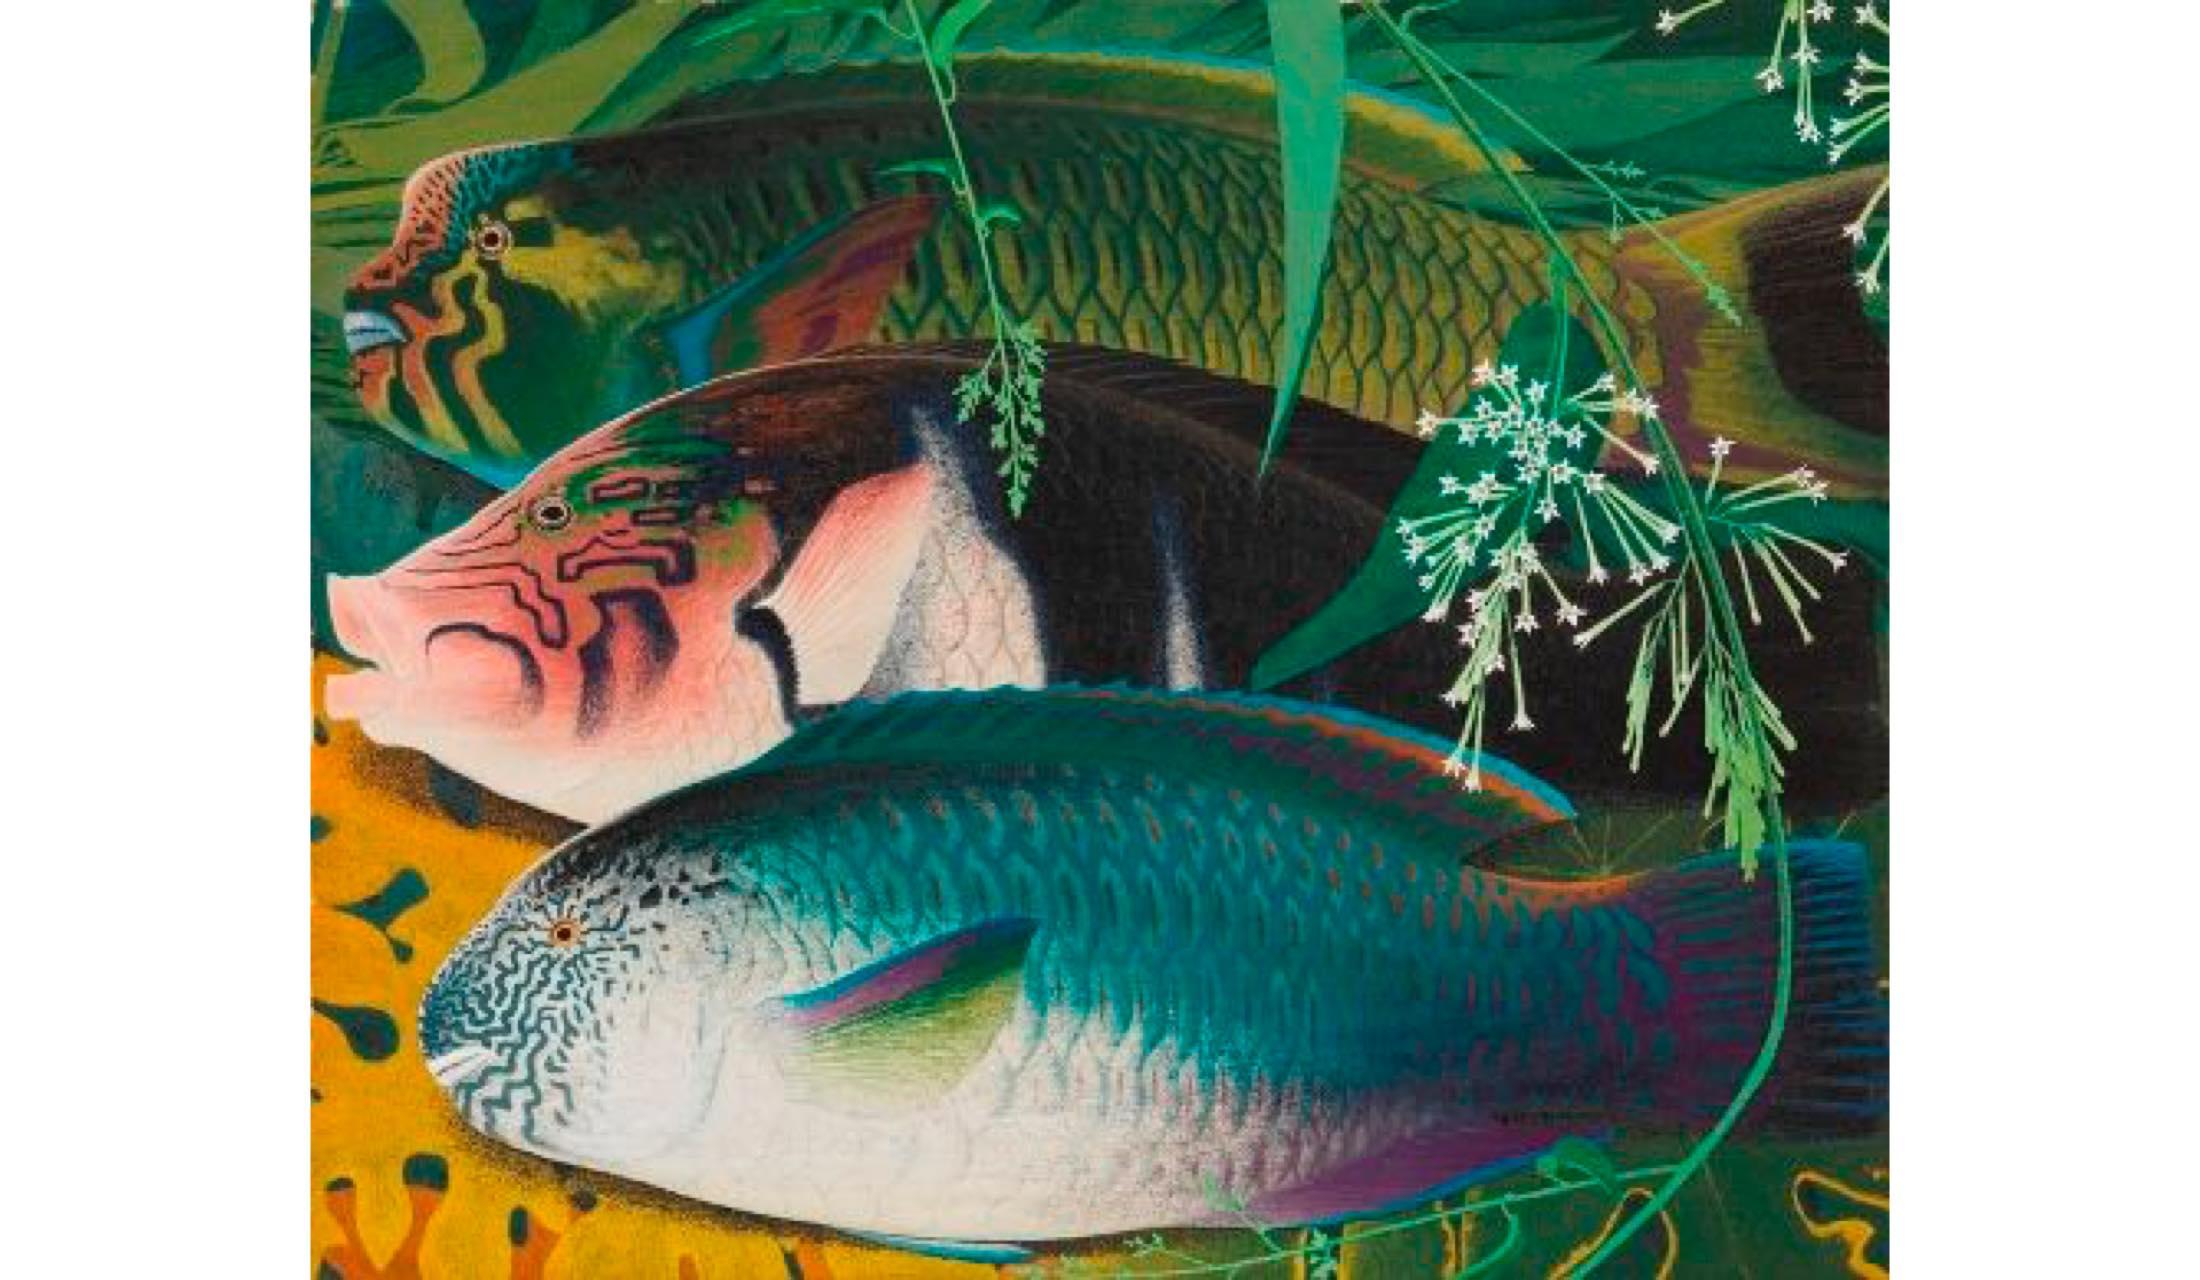 田中一村 『熱帯魚三種』 昭和48(1973)年 岡田美術館蔵 ©2018 Hiroshi Niiyama